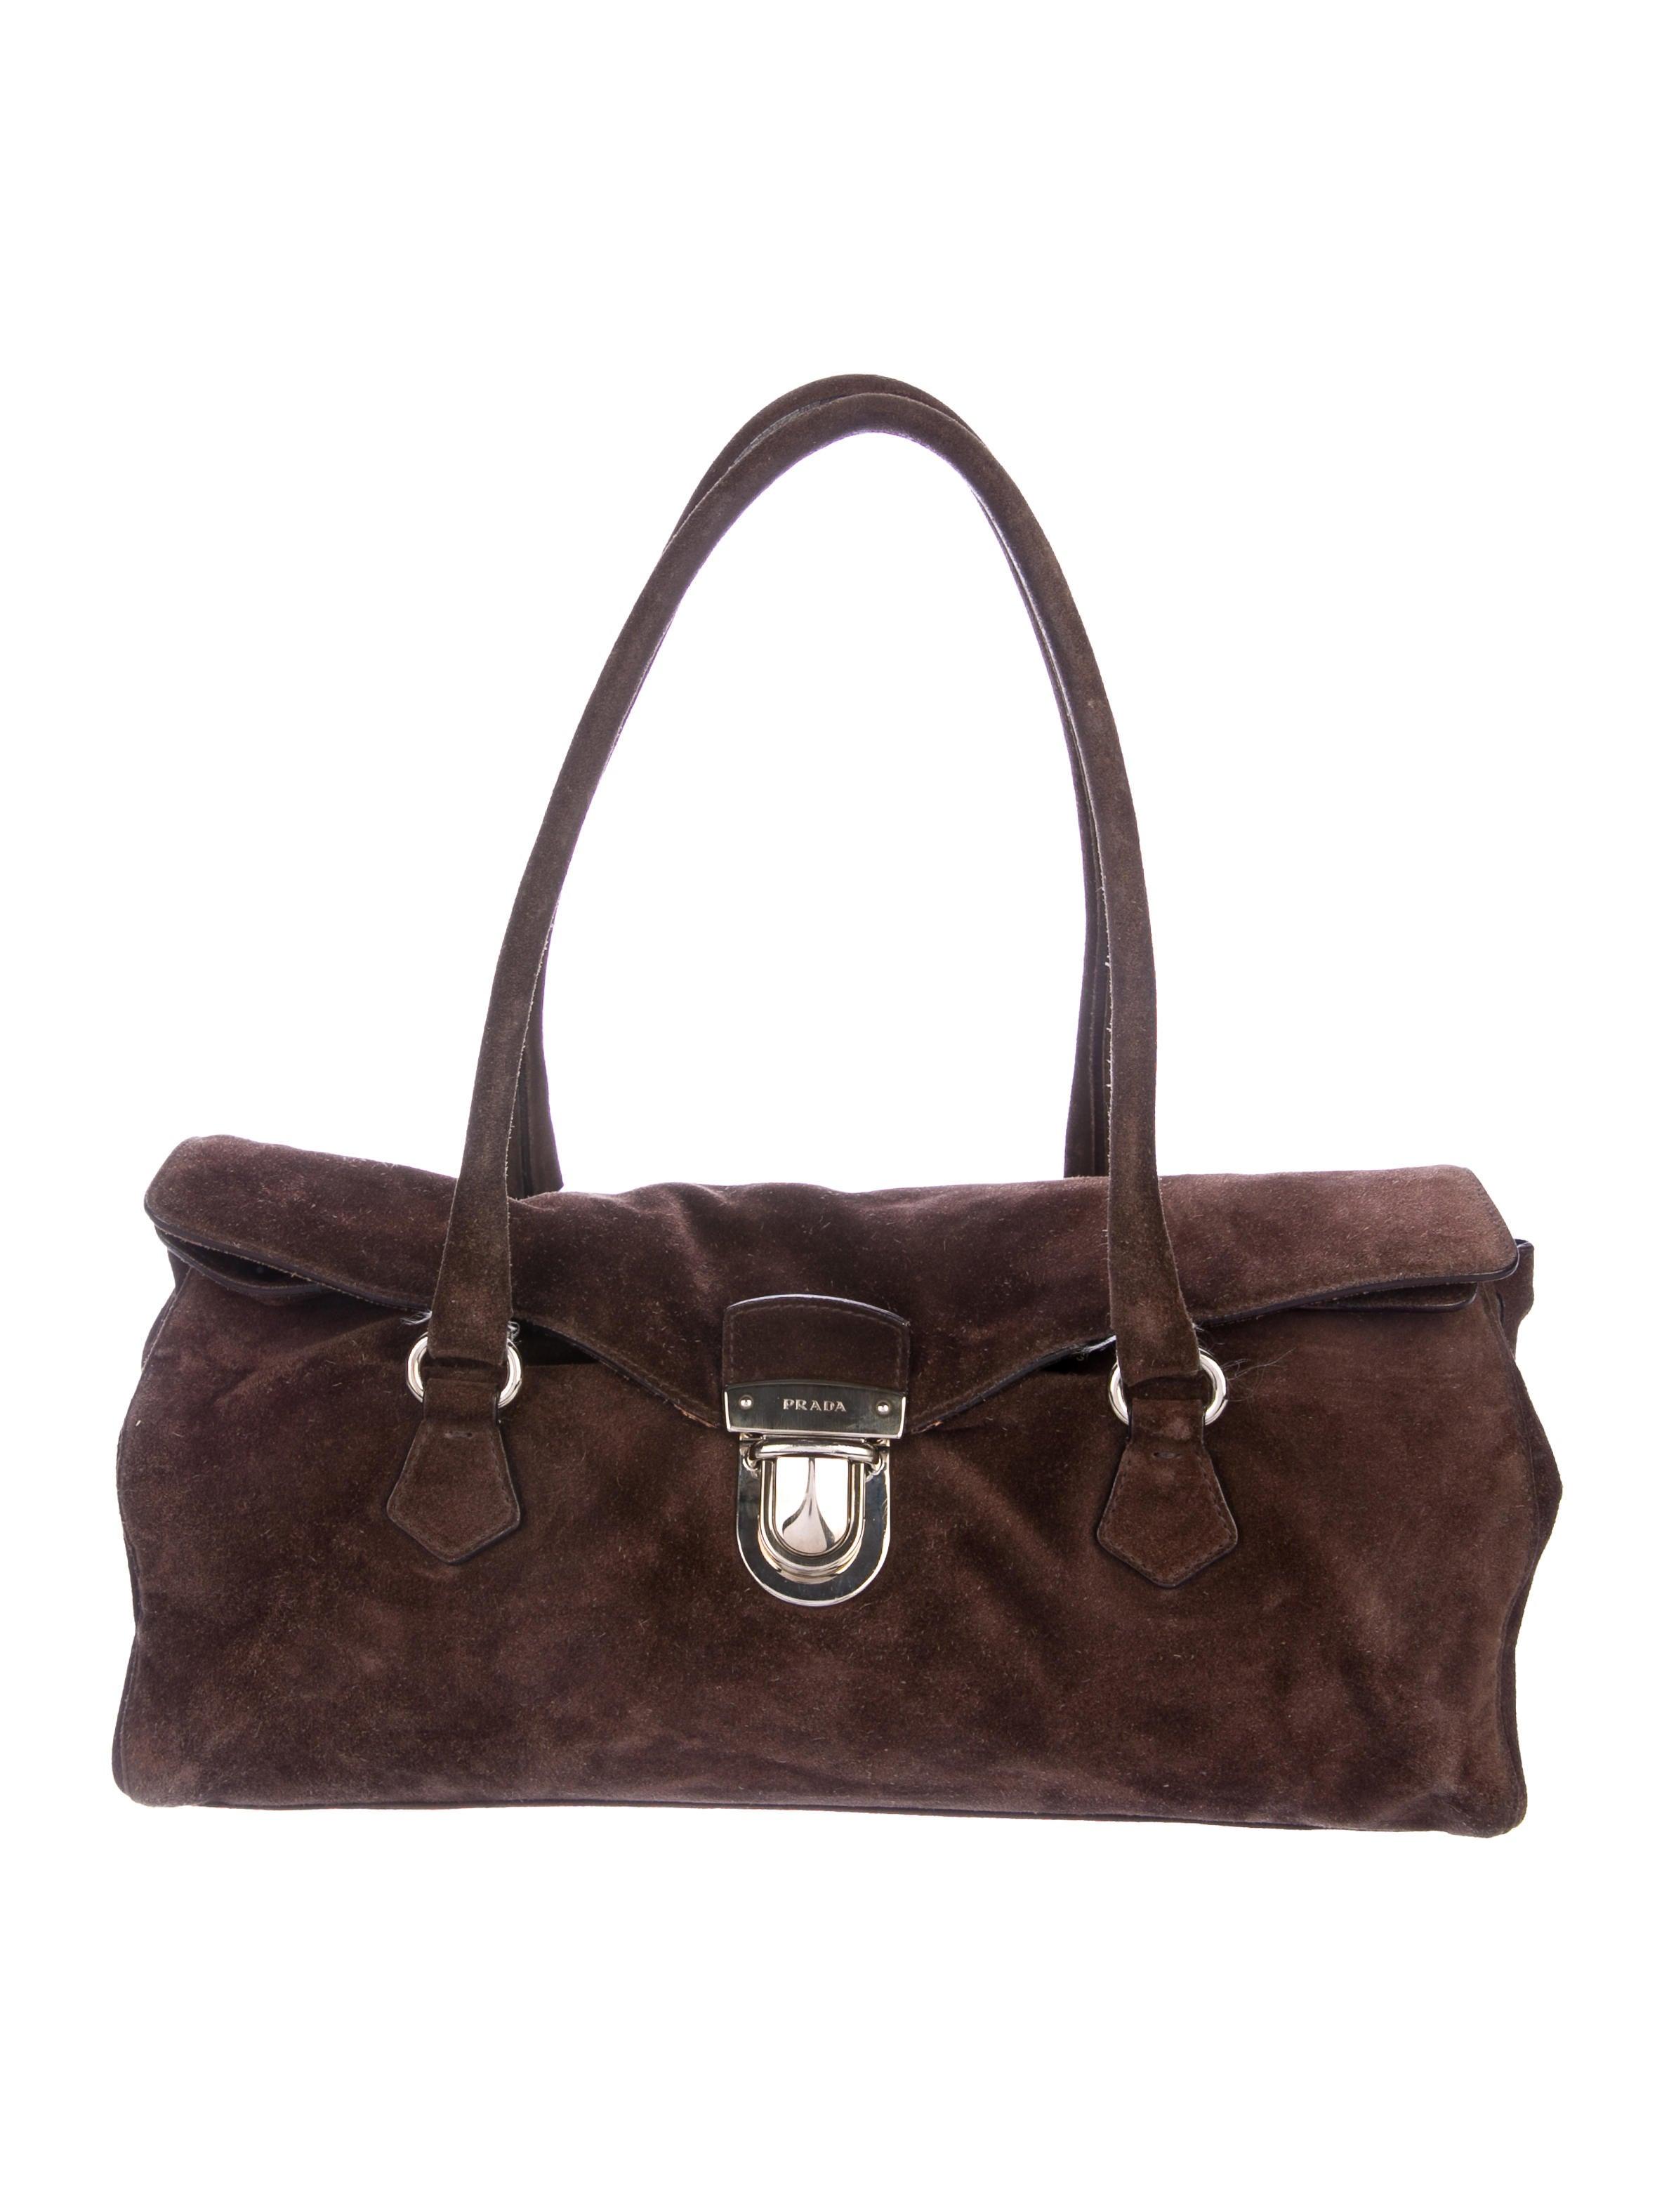 Prada Scamosciato Easy Bag - Handbags - PRA245985  e51aee97d6674